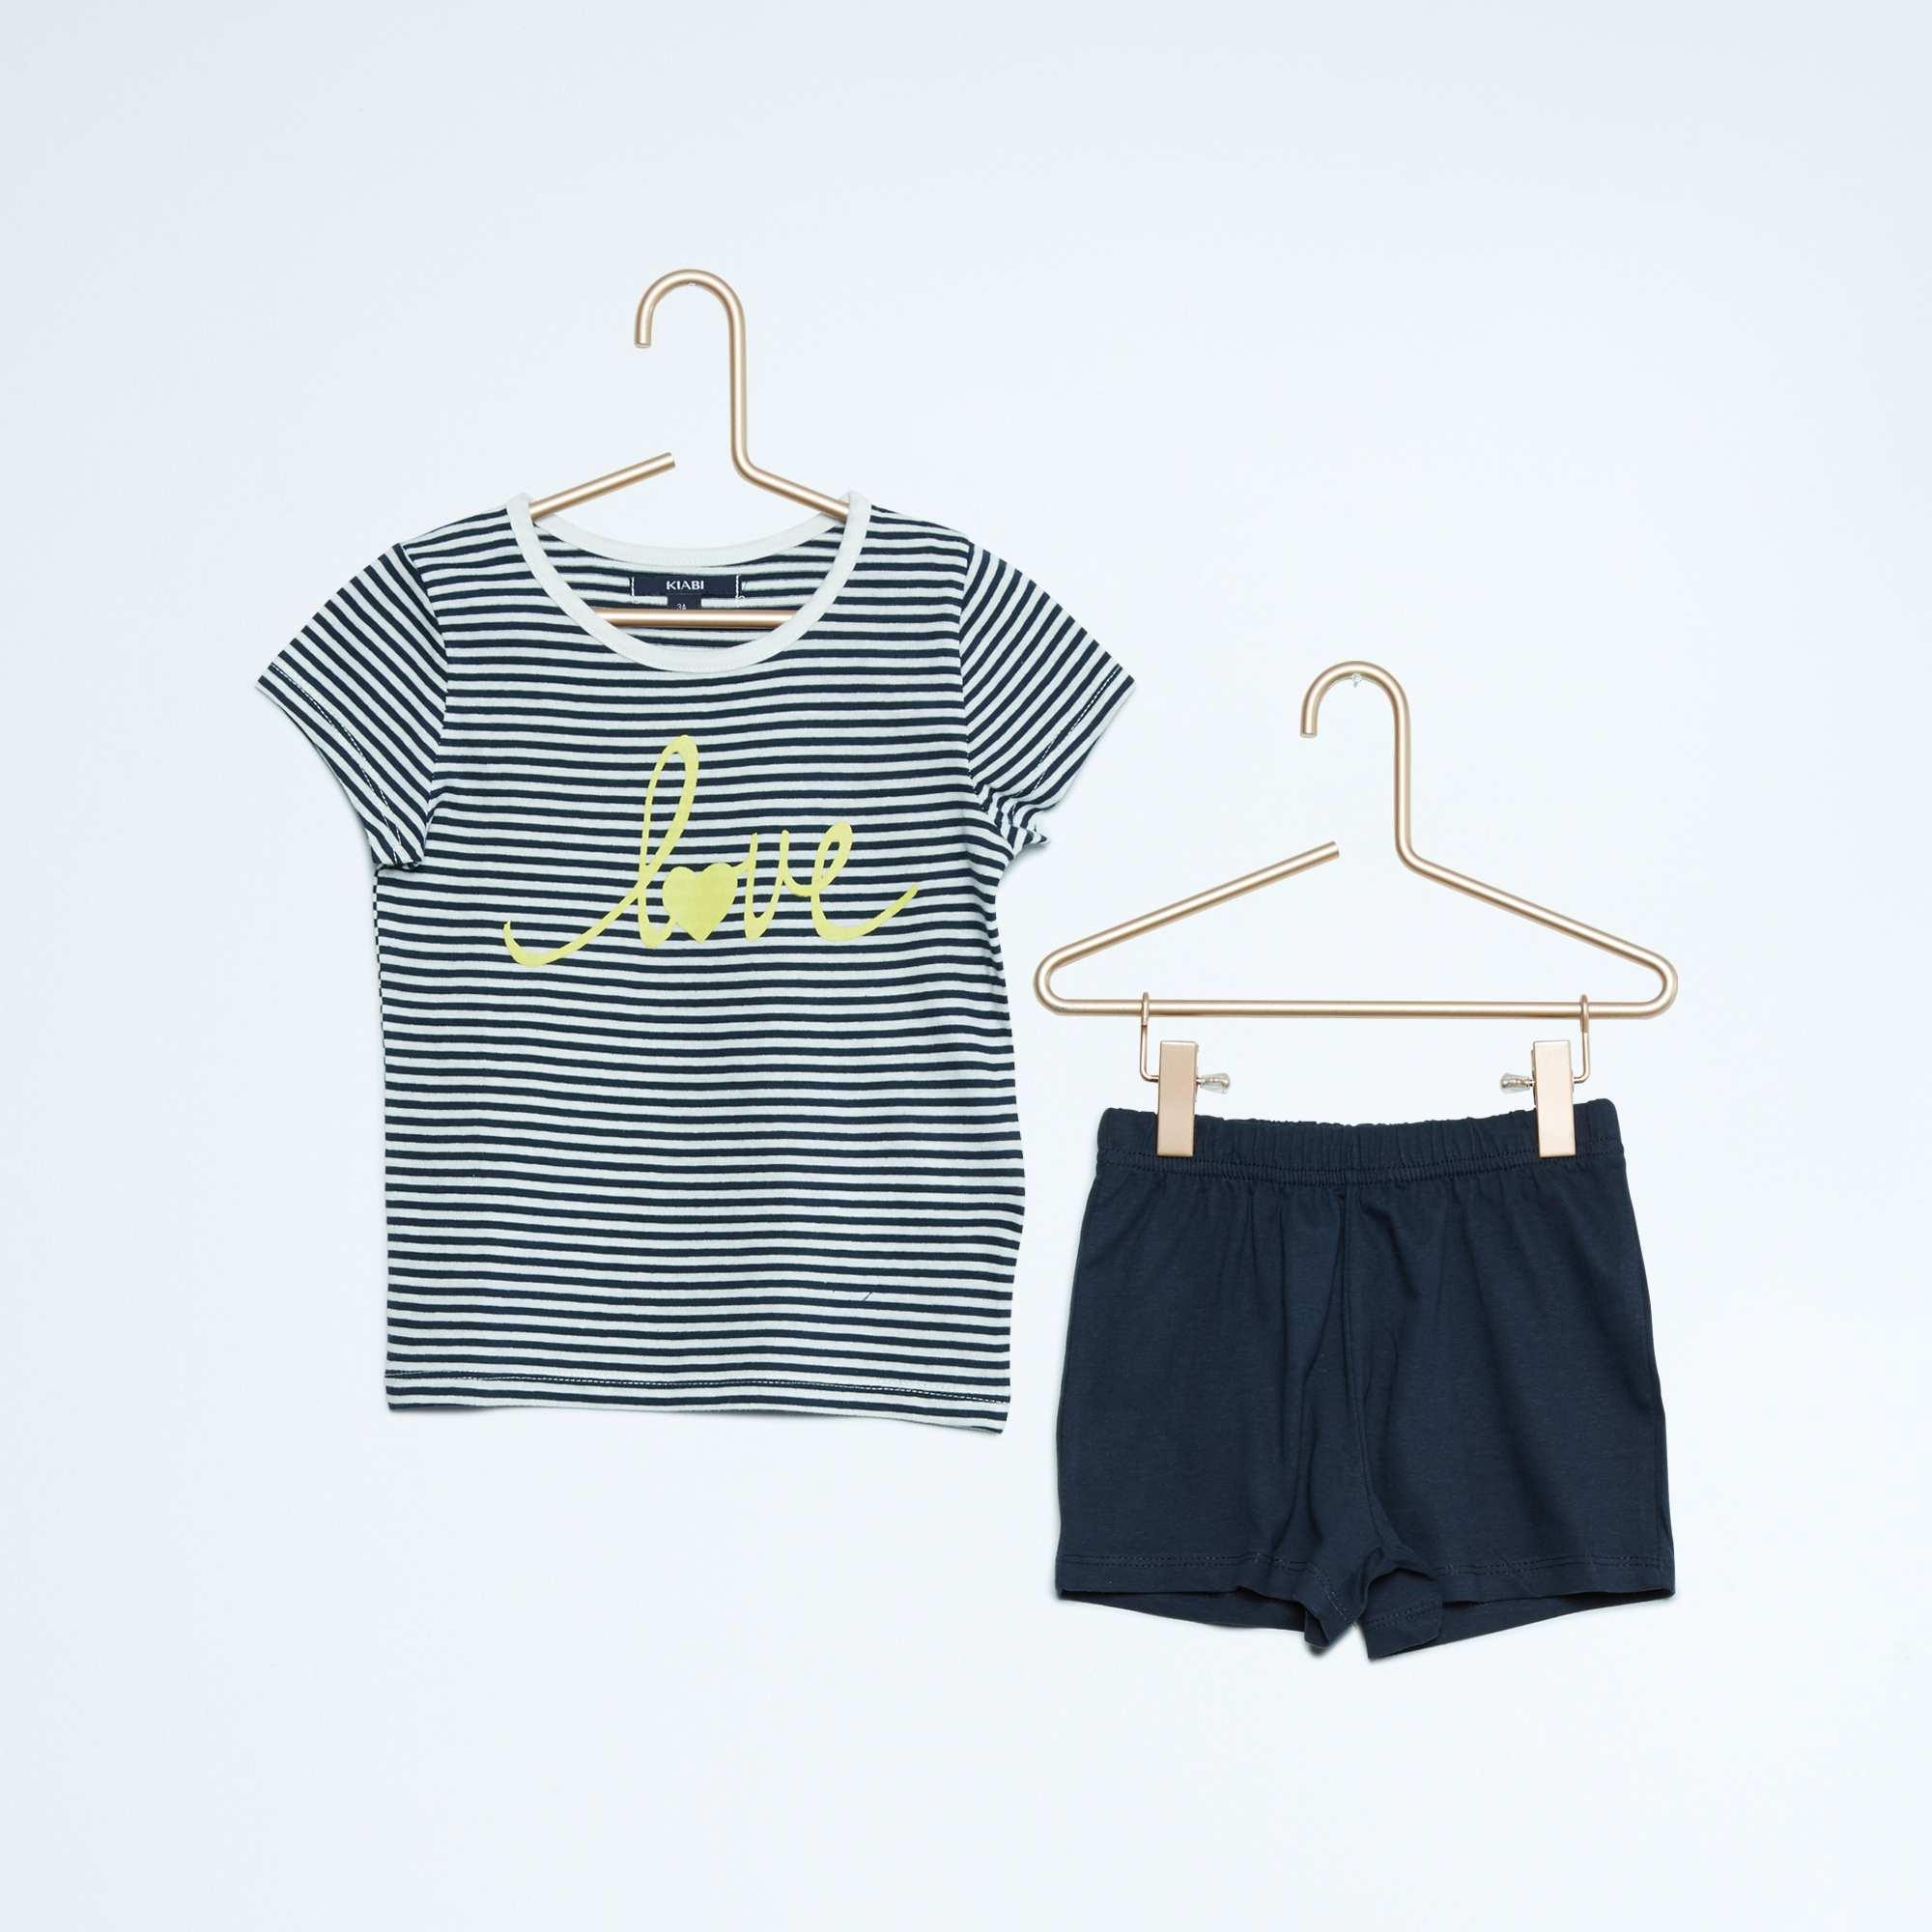 korte pyjama met print kinderkleding meisjes blauw kiabi 4 20. Black Bedroom Furniture Sets. Home Design Ideas